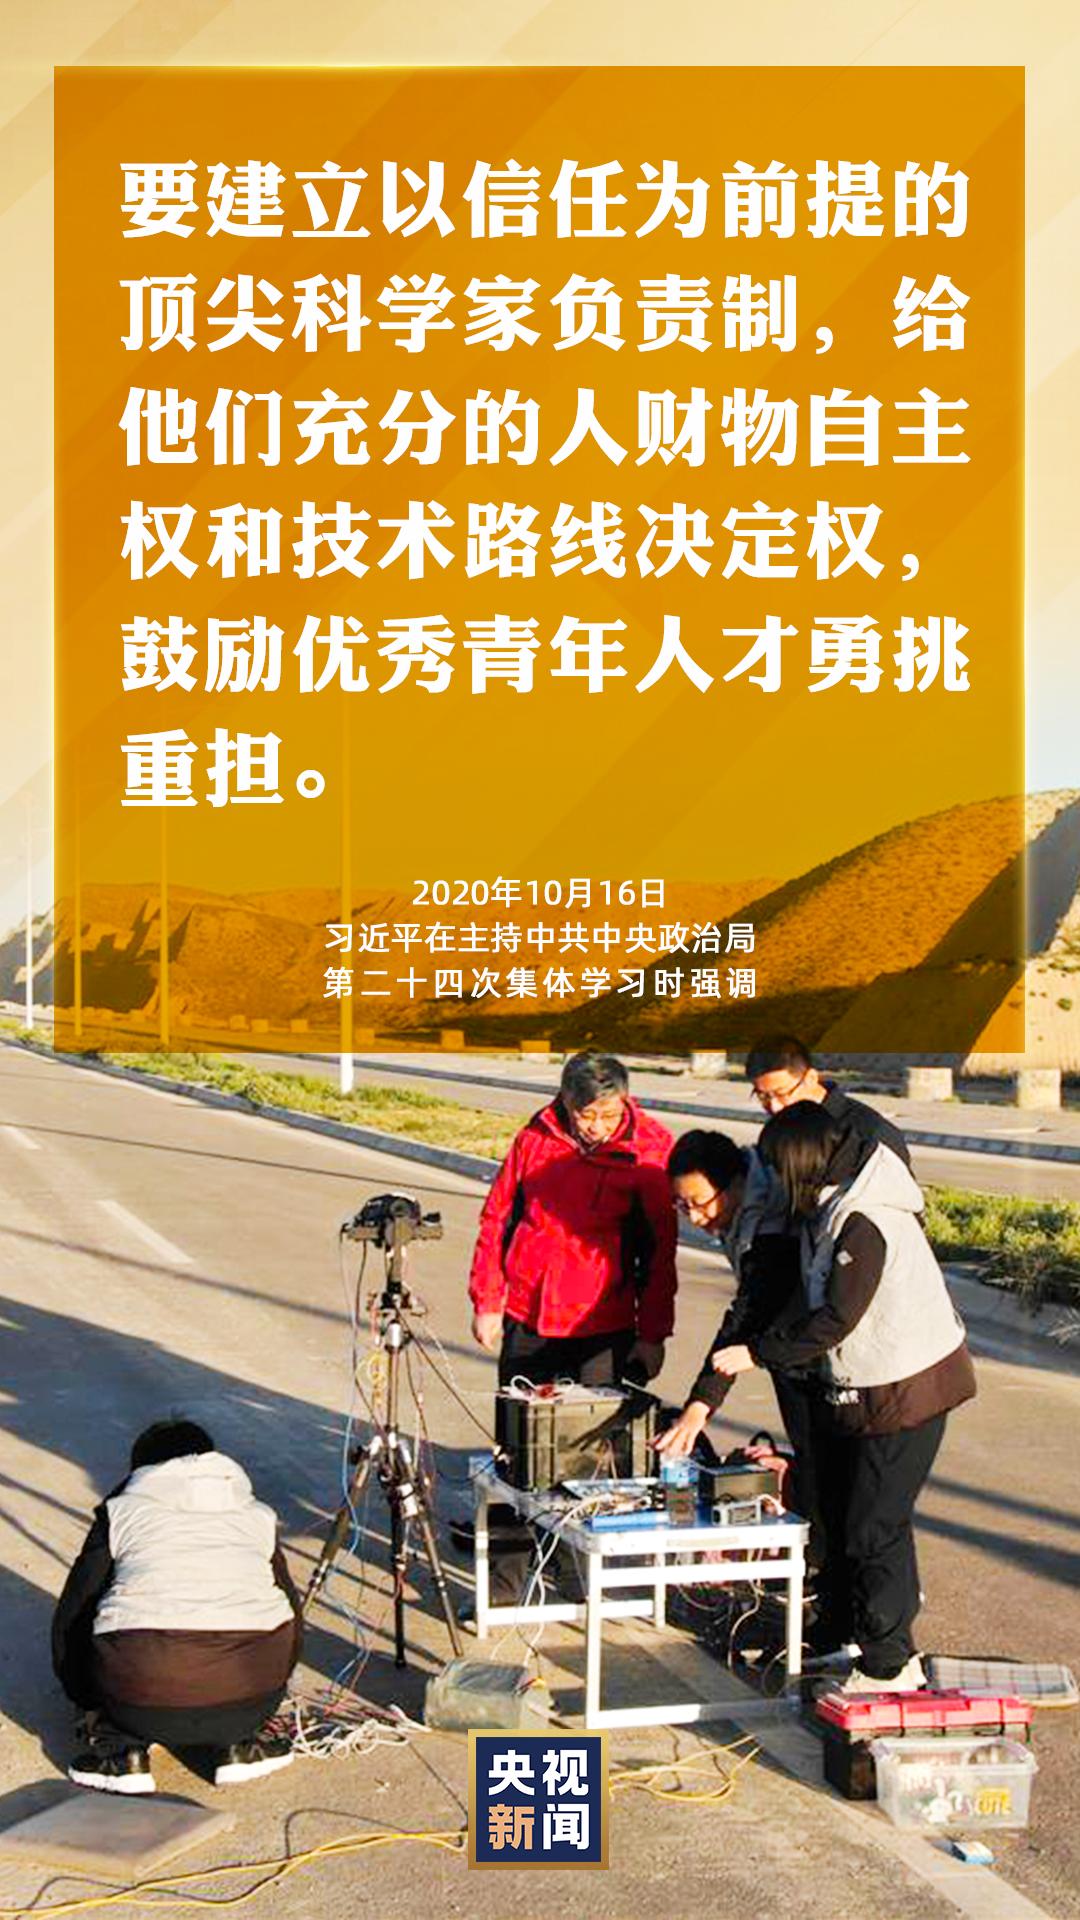 中共中央政治局集体学习量子科技 什么信号?_图1-3